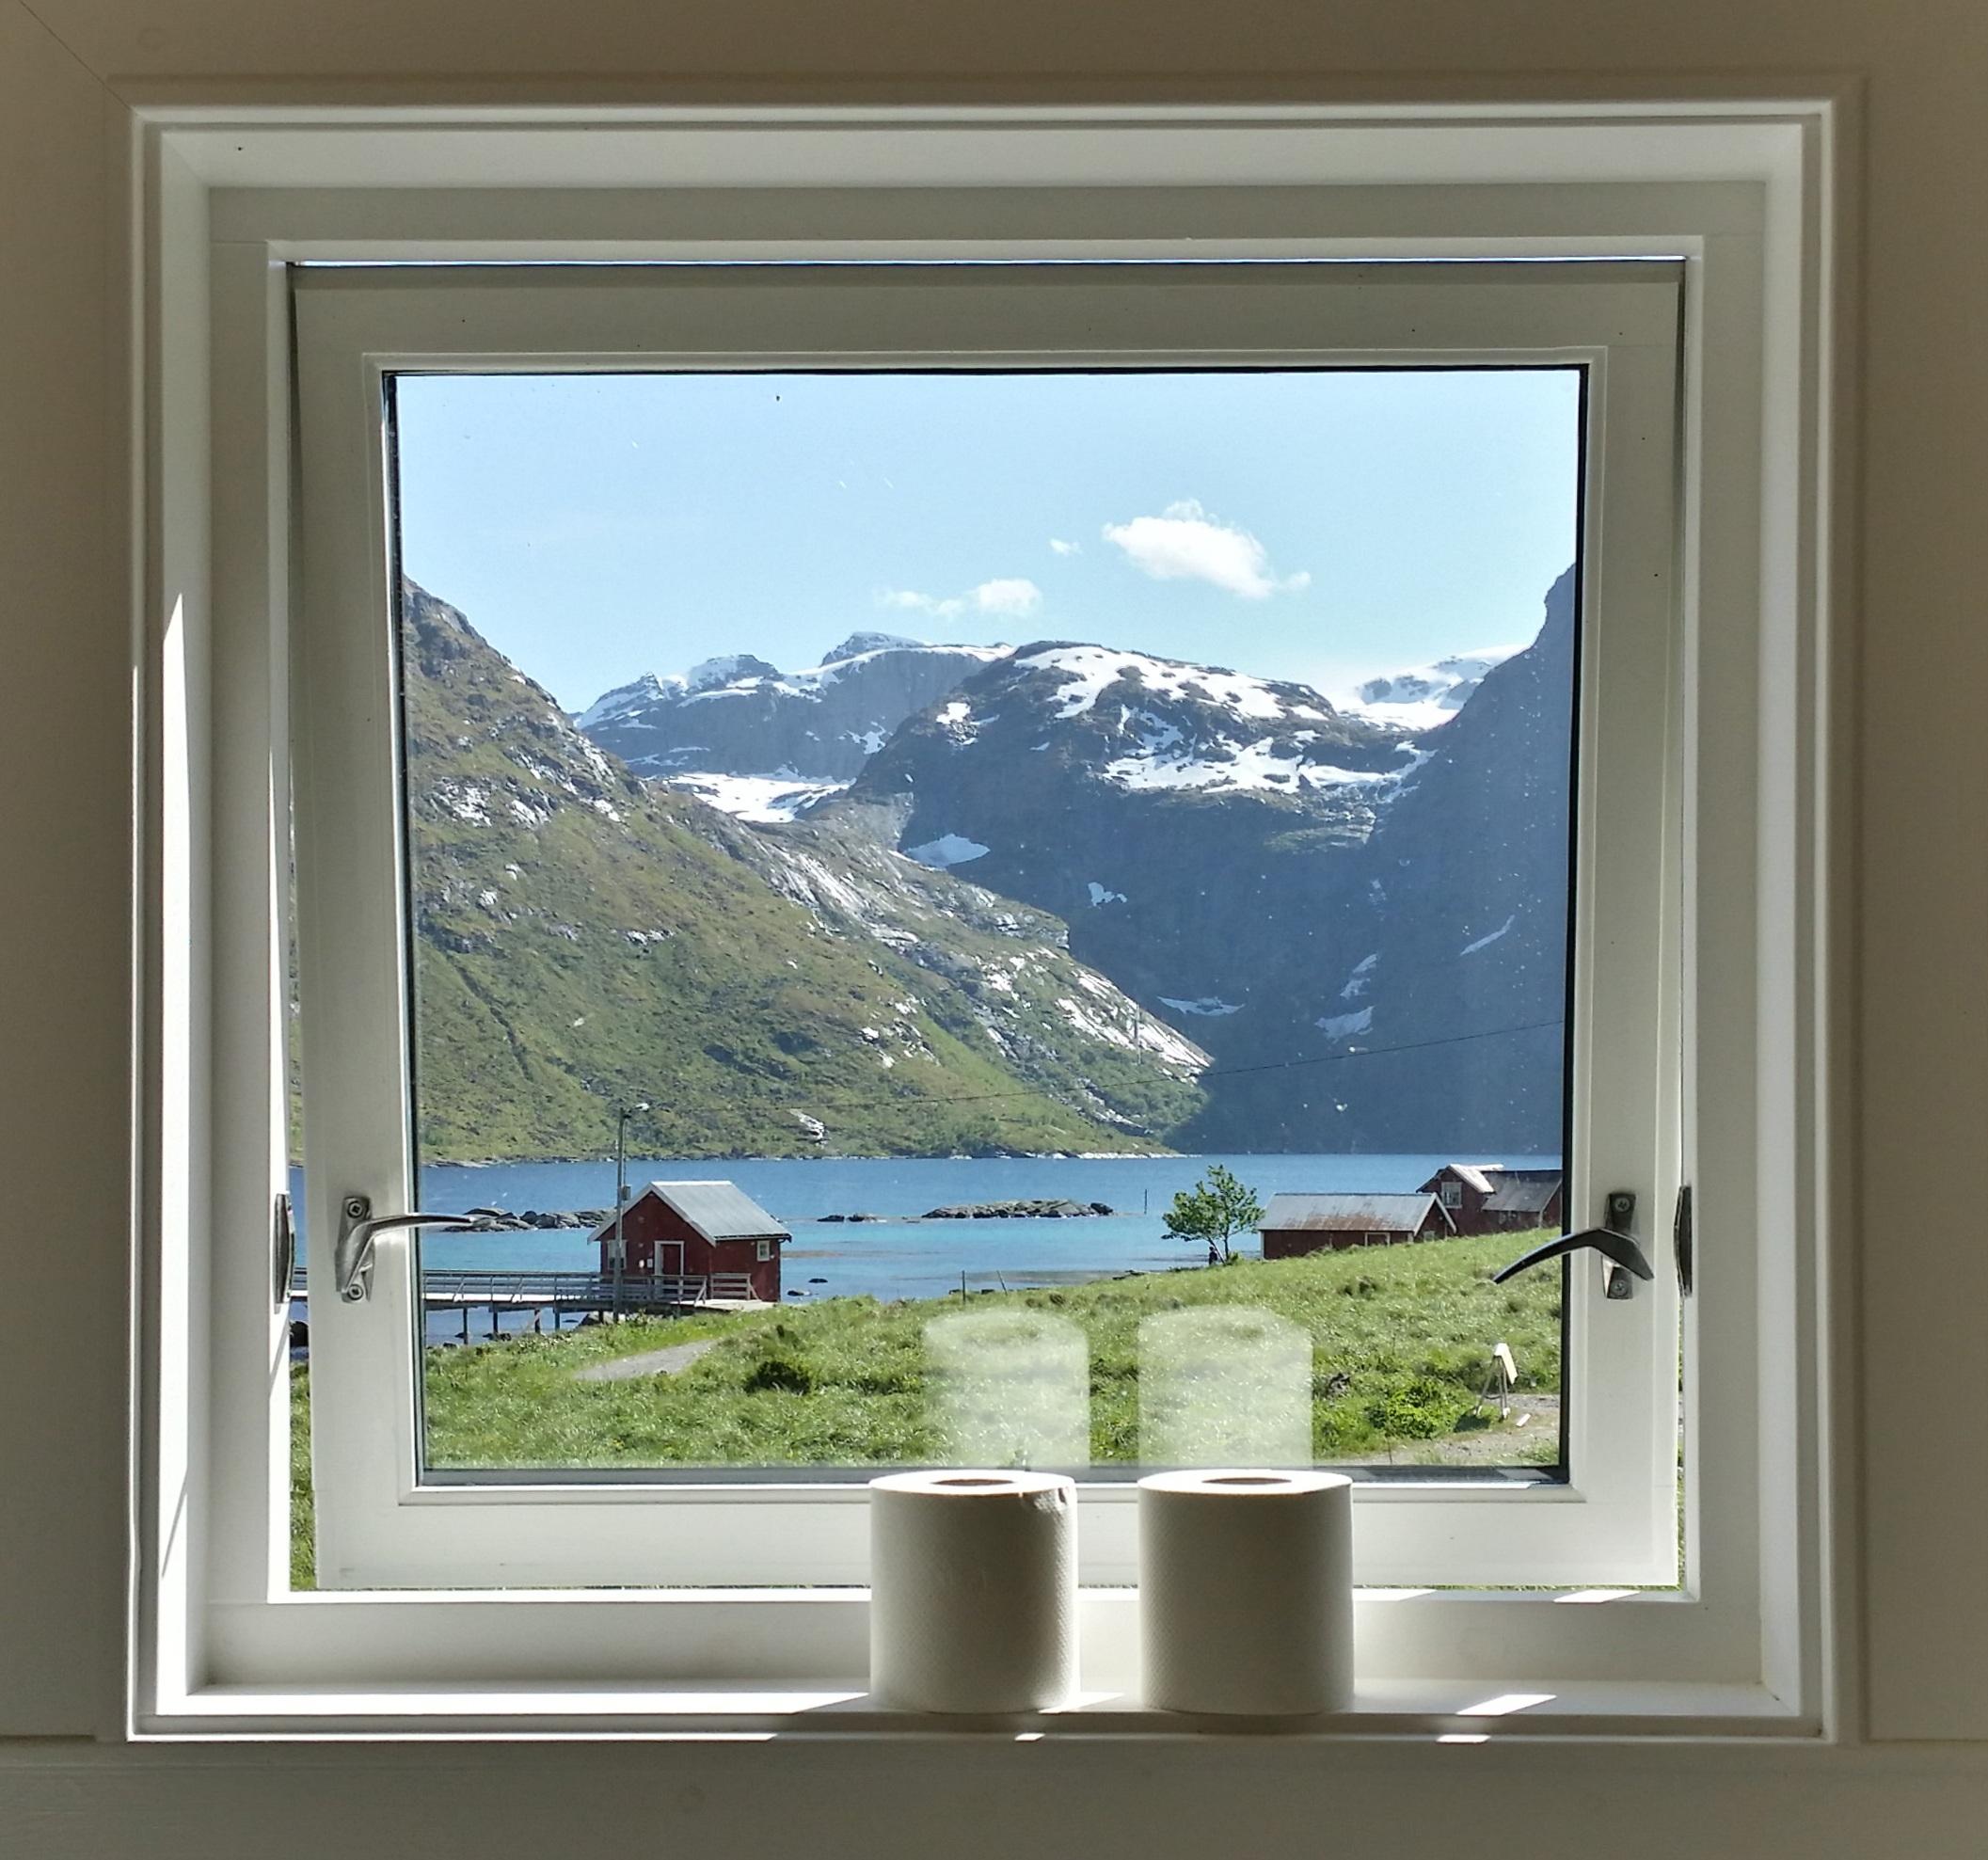 открывалась картинка в модальном окне семьи родной